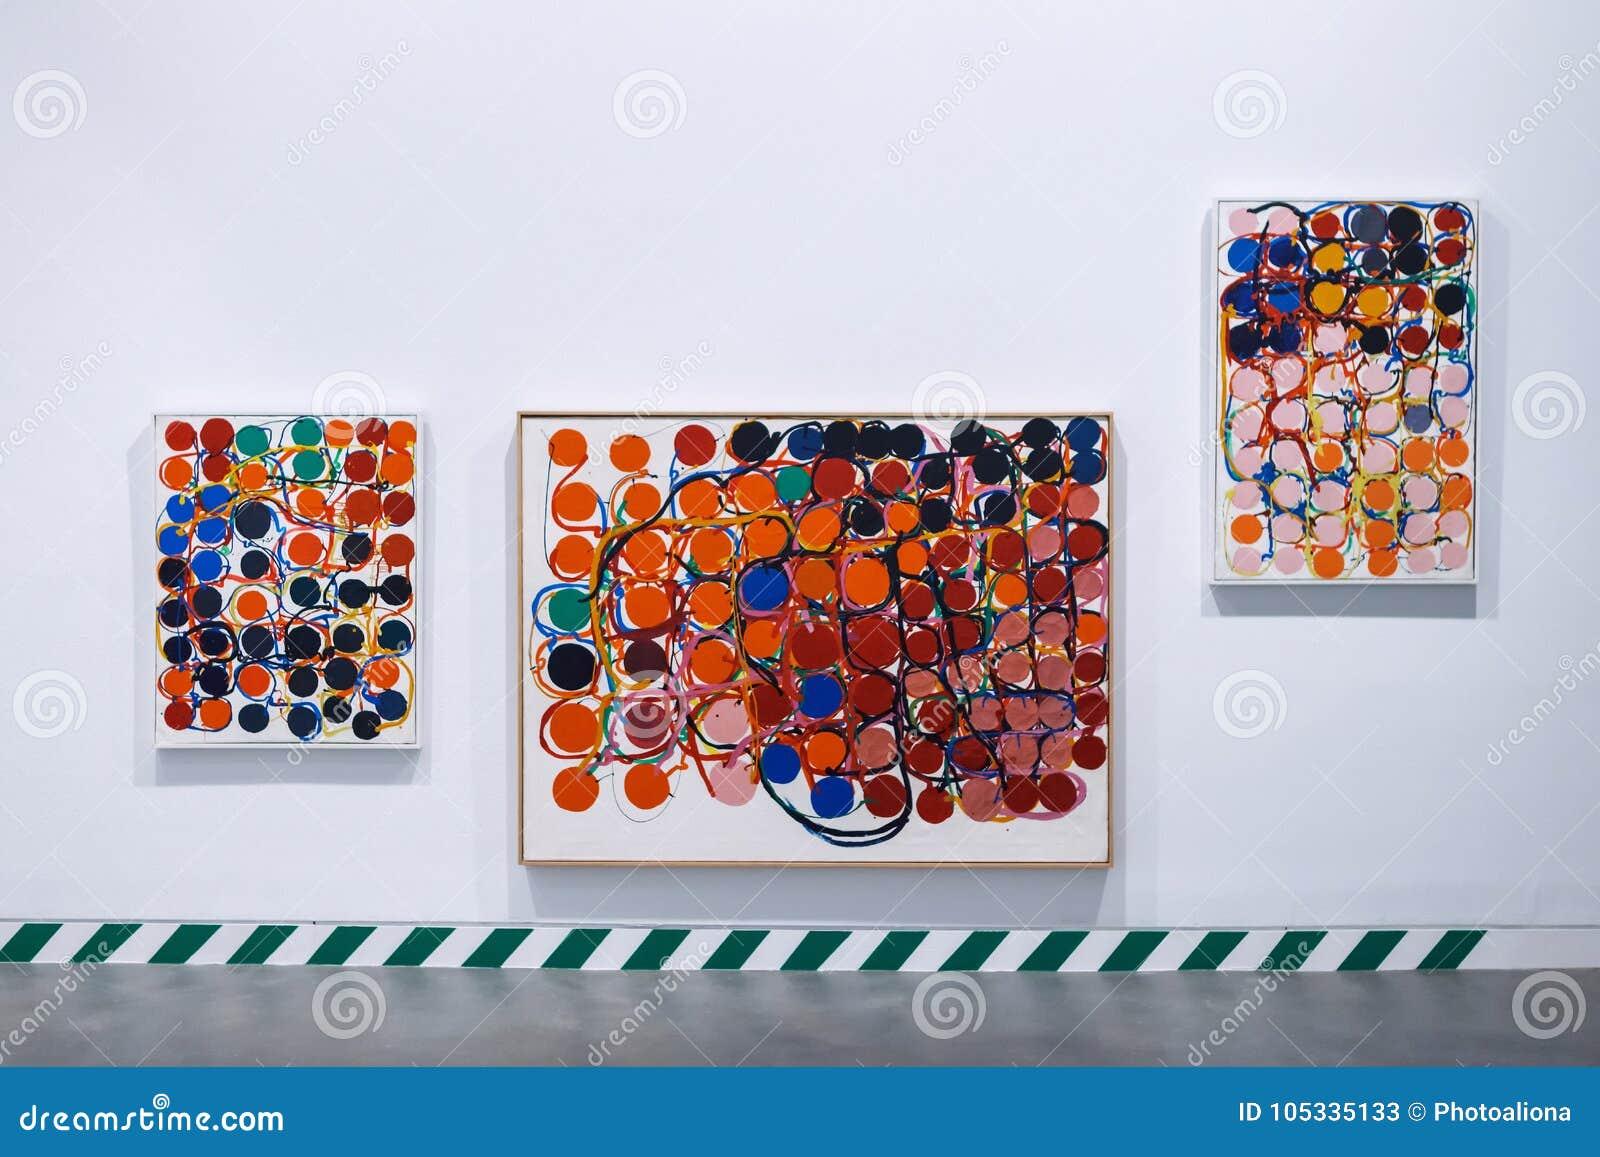 Barcelona Spanien - April 21, 2016: Exhibiton av abstrakt konst i det Antoni Tapies fundamentet i Aragon